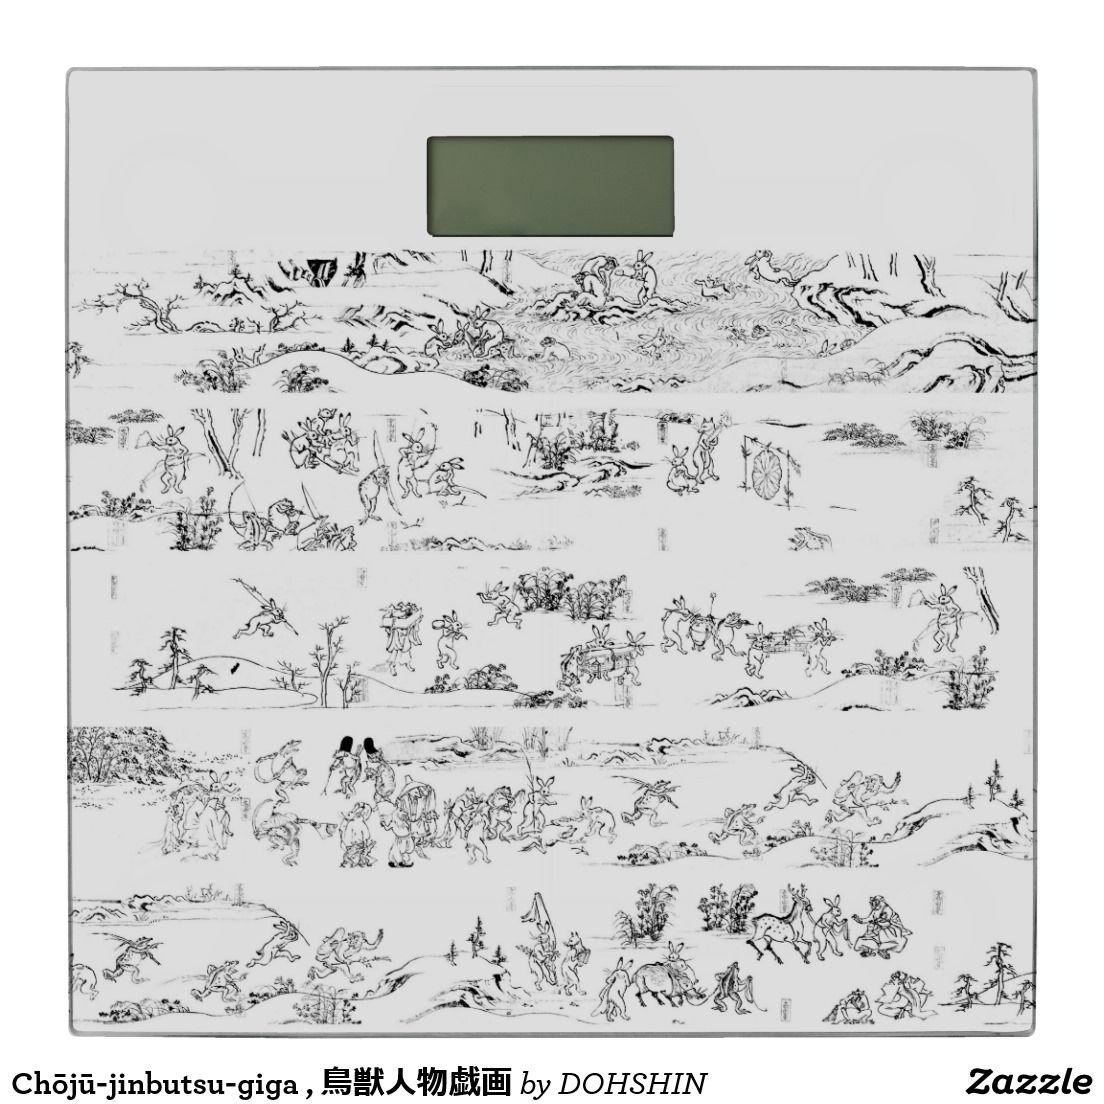 Chōju Jinbutsu Giga 鳥獣人物戯画 体重計 Zazzle Co Jp 戯画 鳥獣 人物